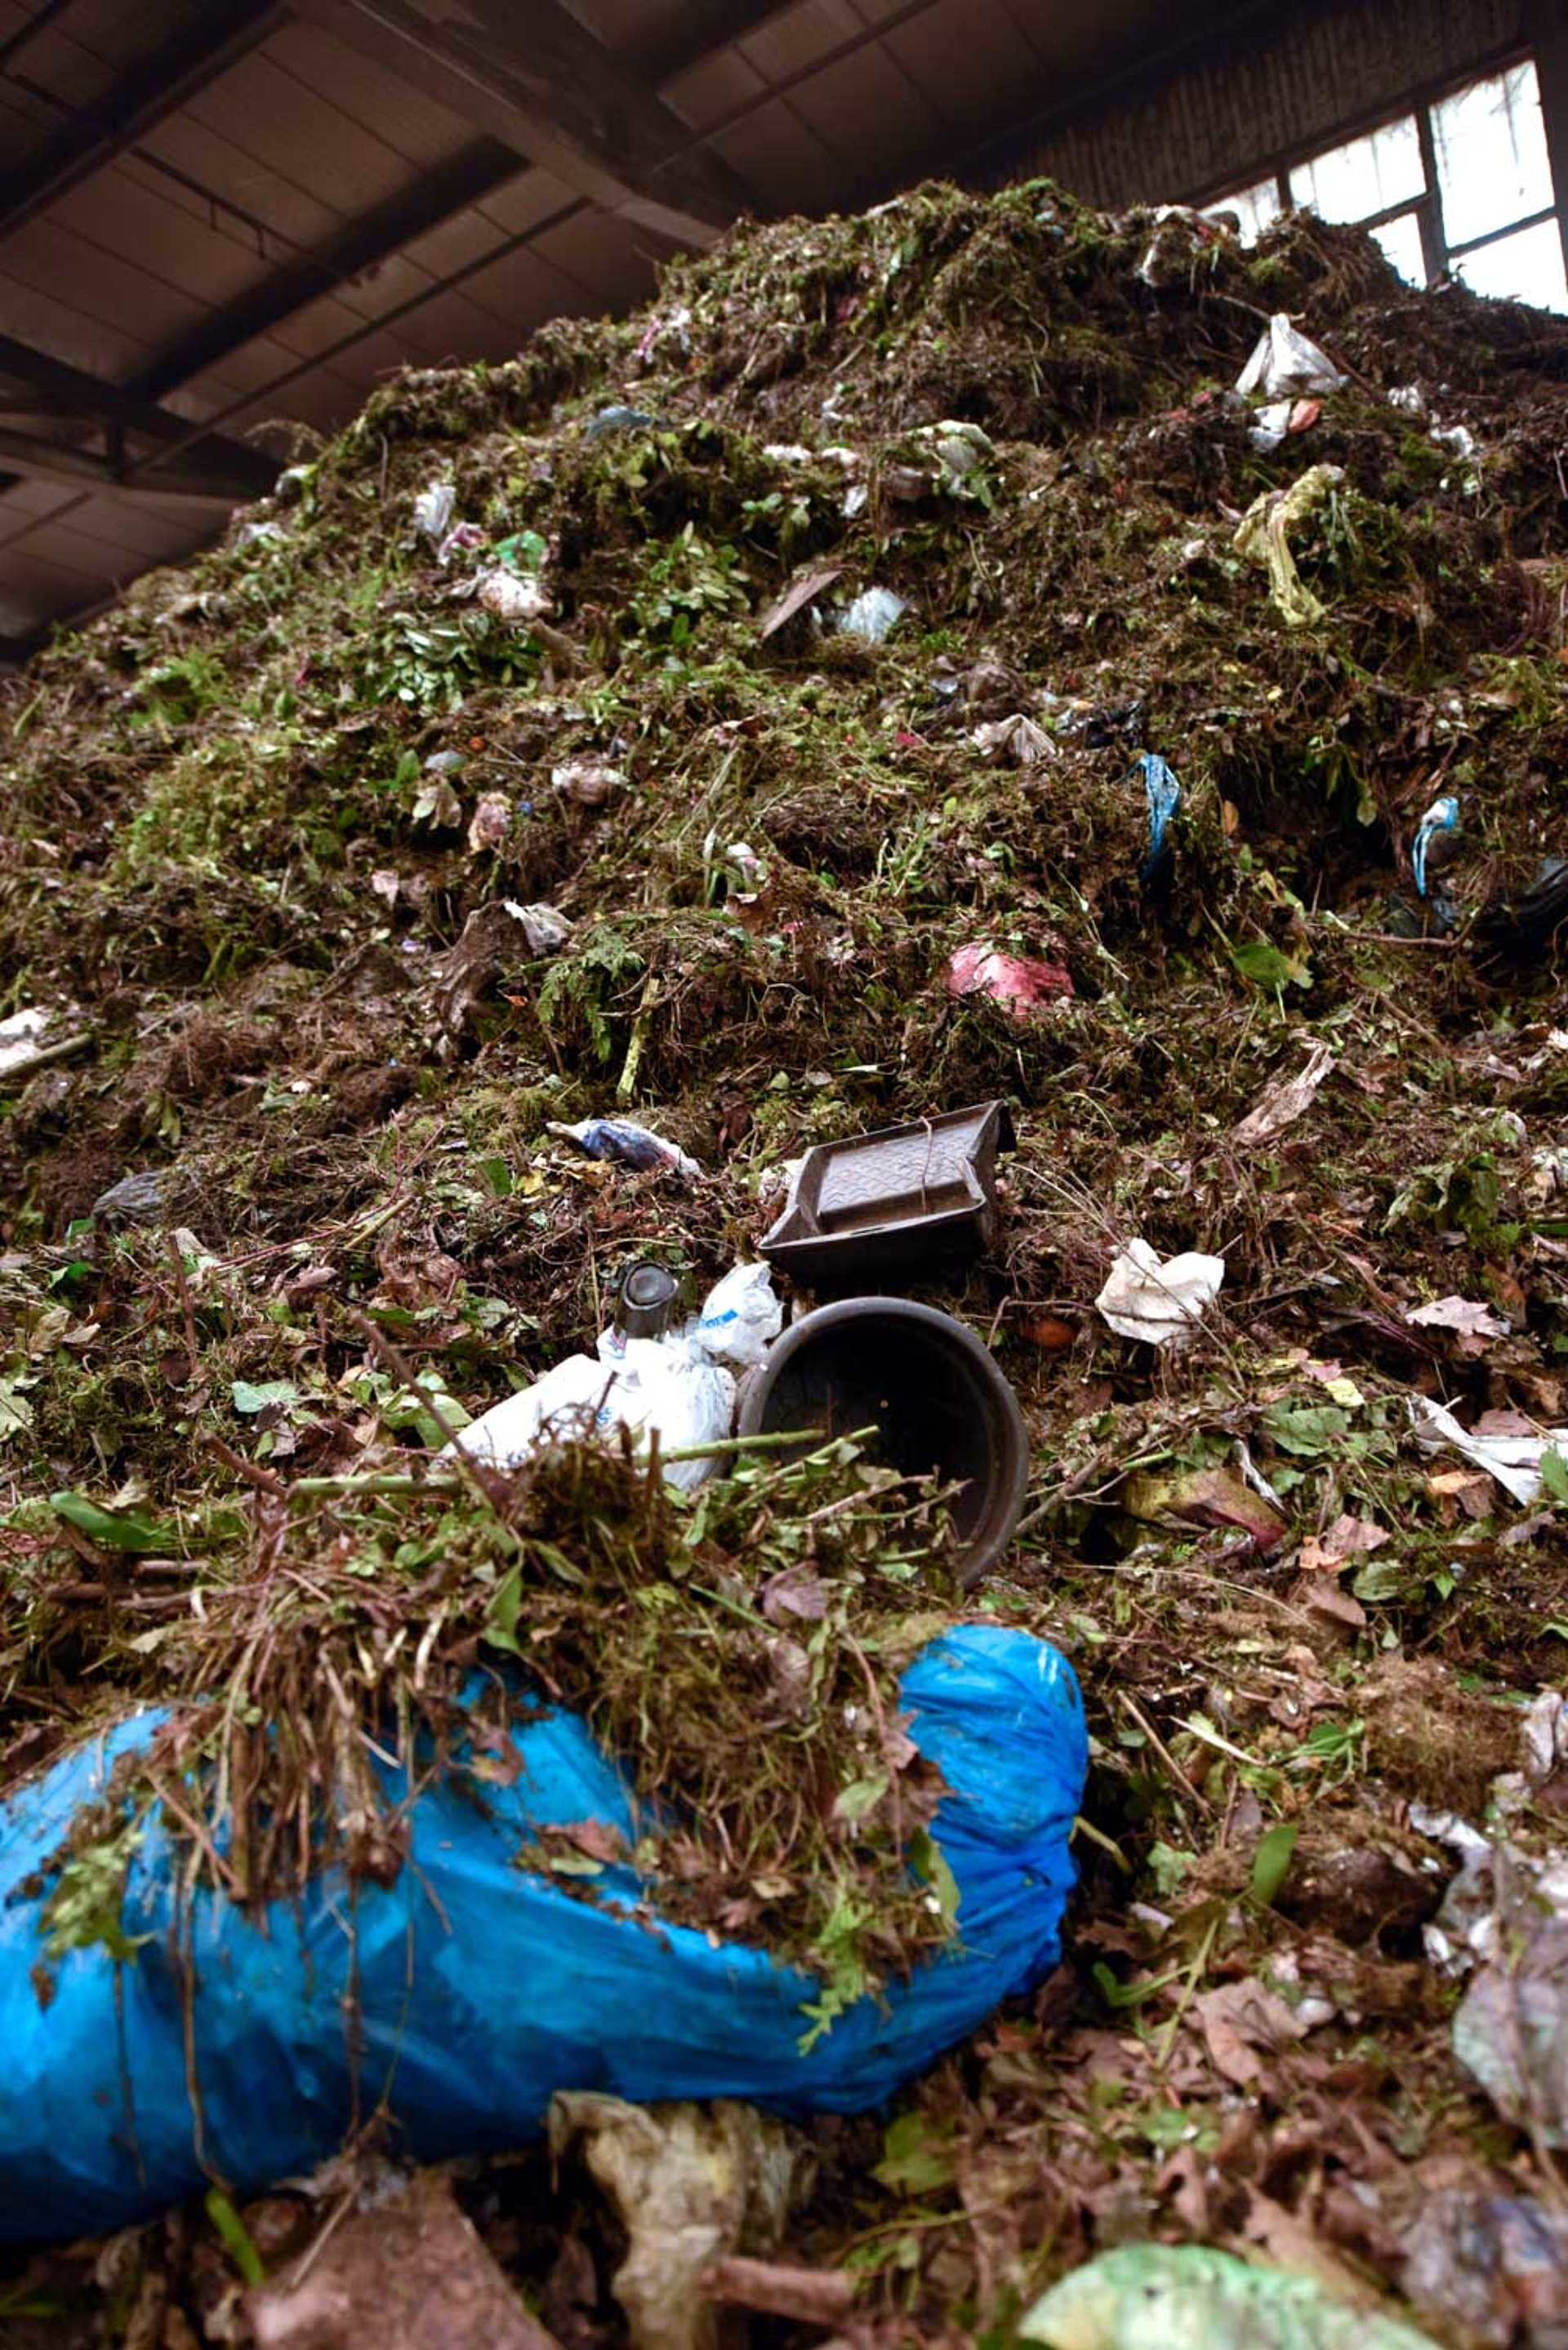 kompost-aufbereitung: steinert liefert baustein zur herstellung von